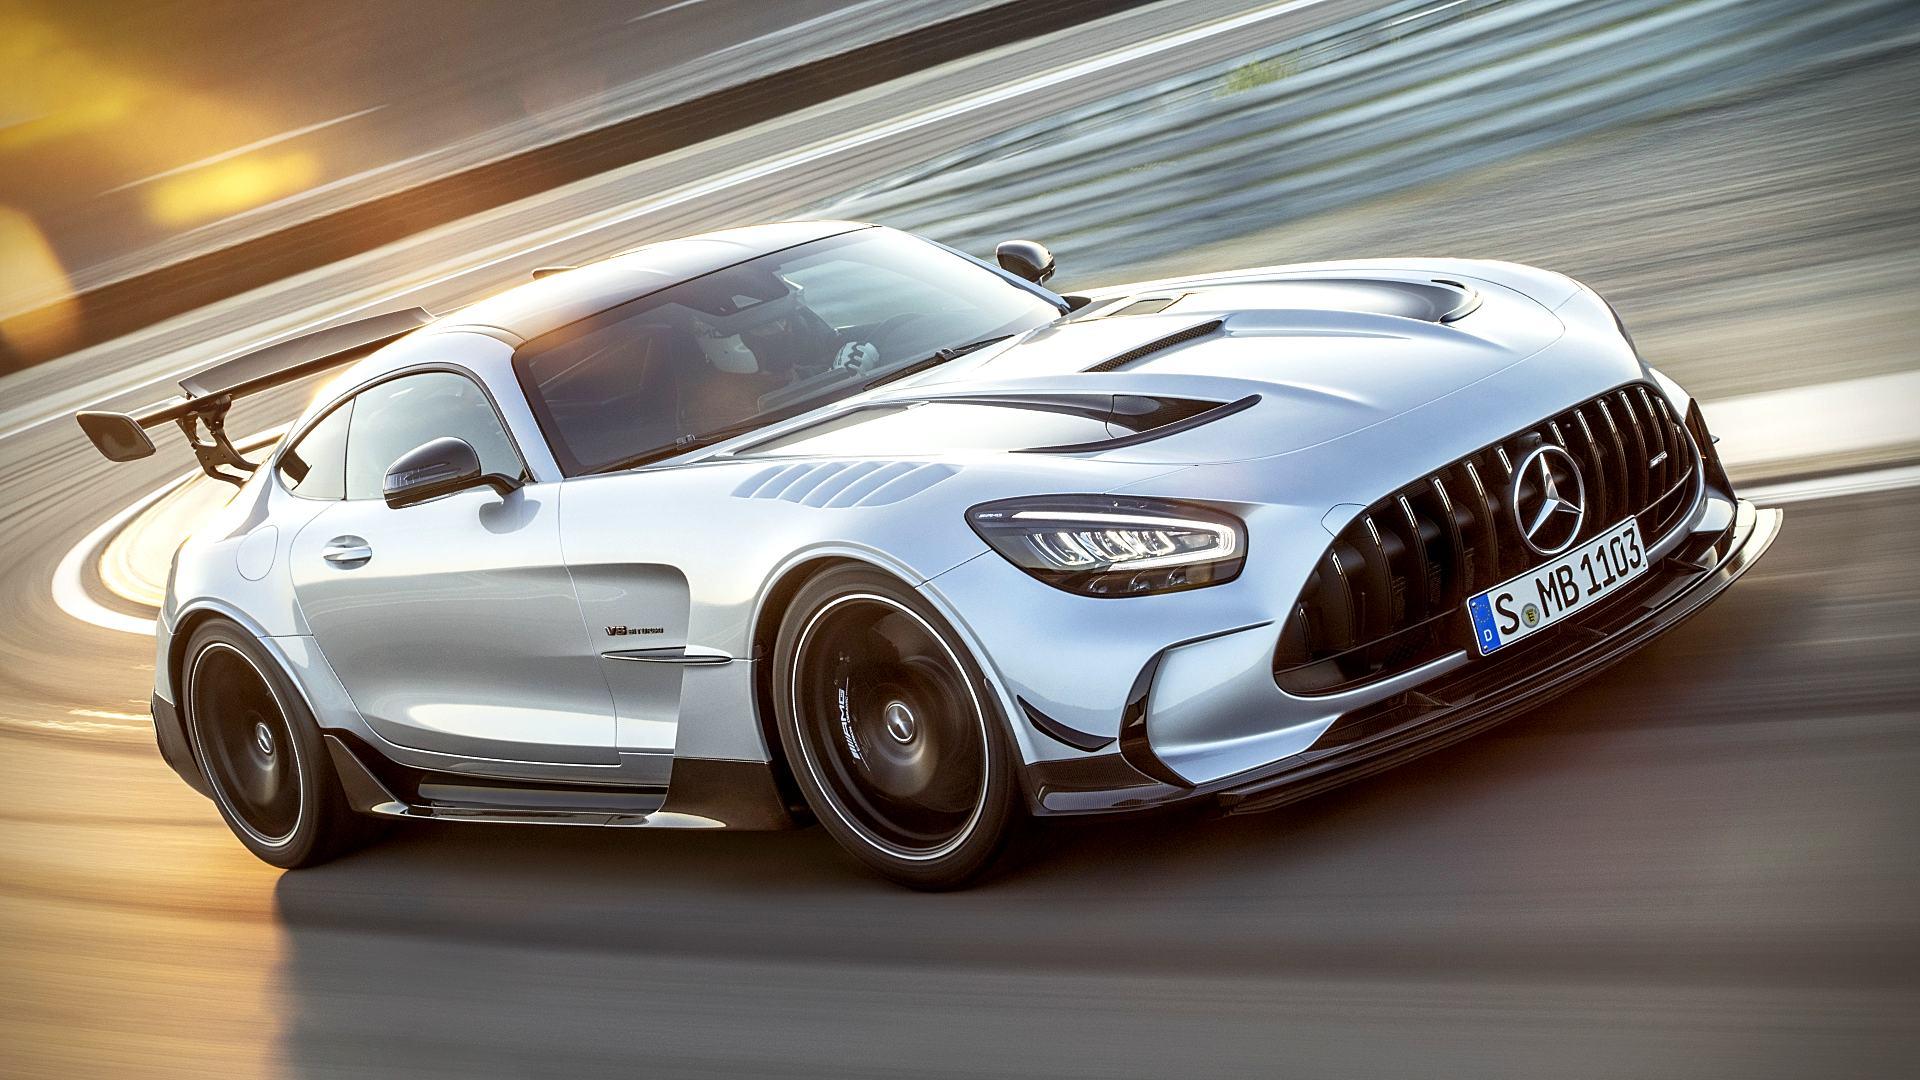 Mercedes Supercar Wallpaper Hd